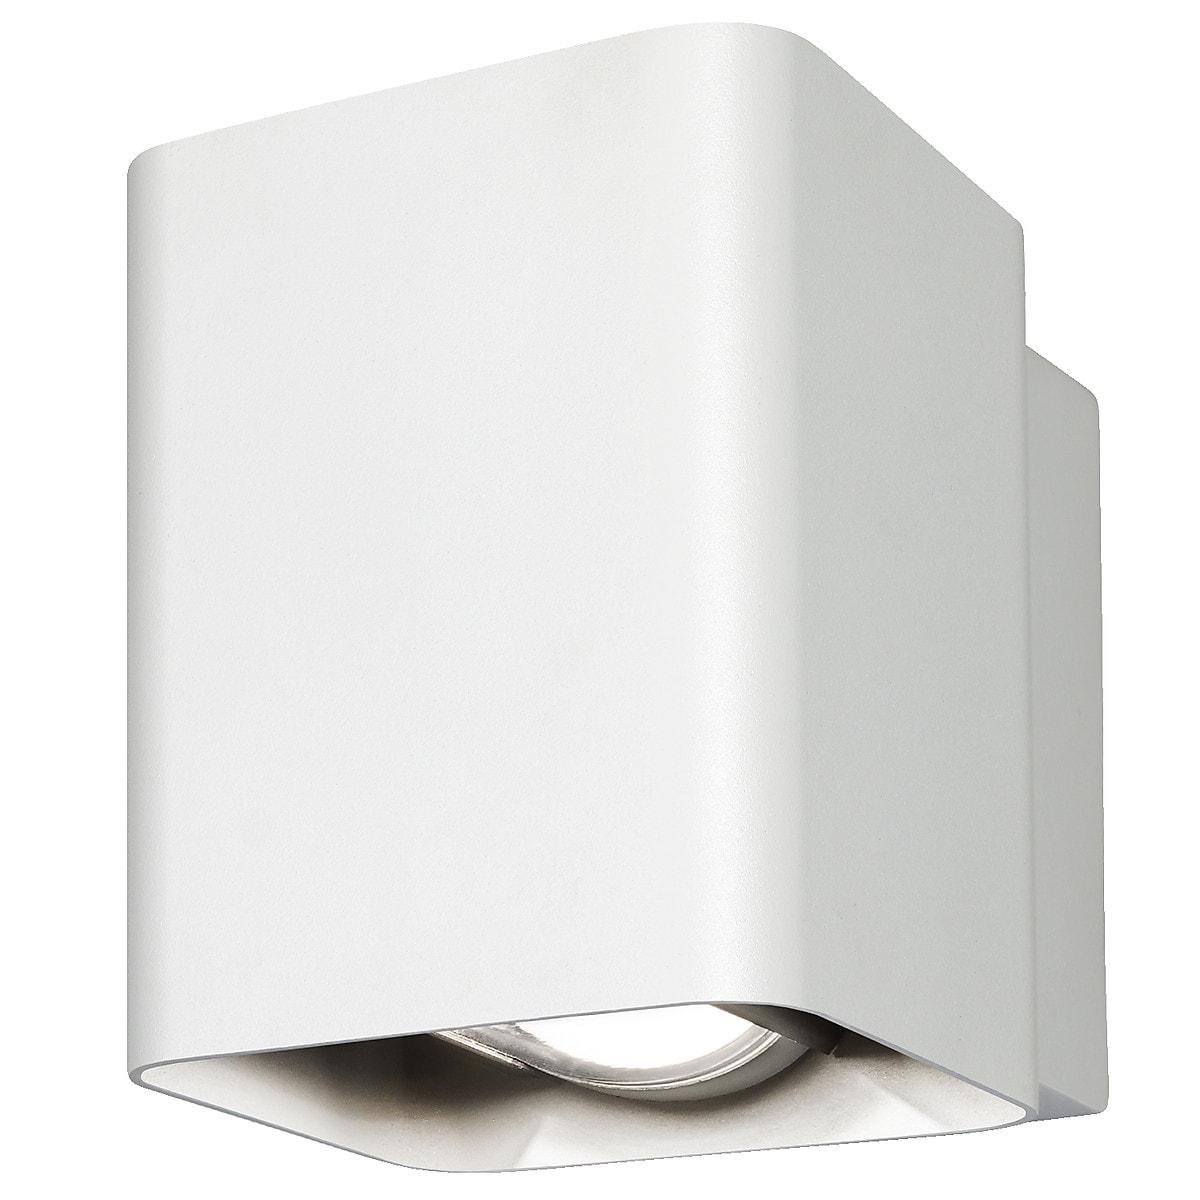 Väggspotlight LED Näsby